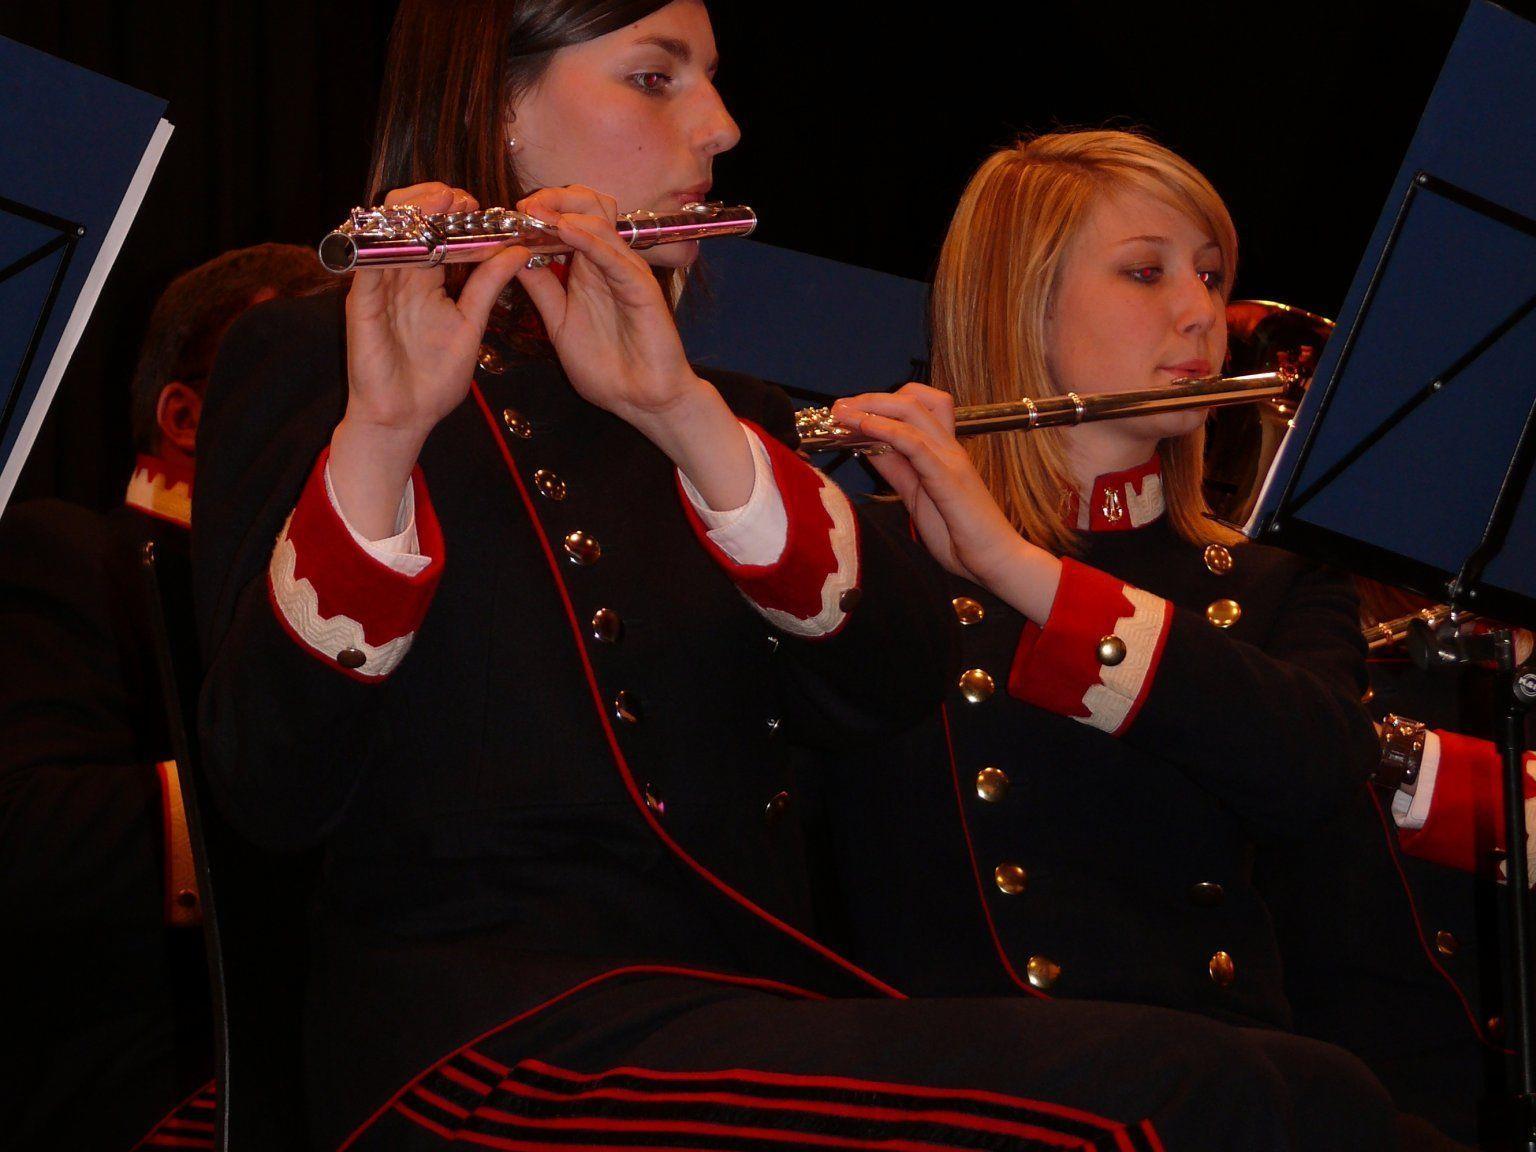 Am 1. April findet das große Konzert für 2012 statt.